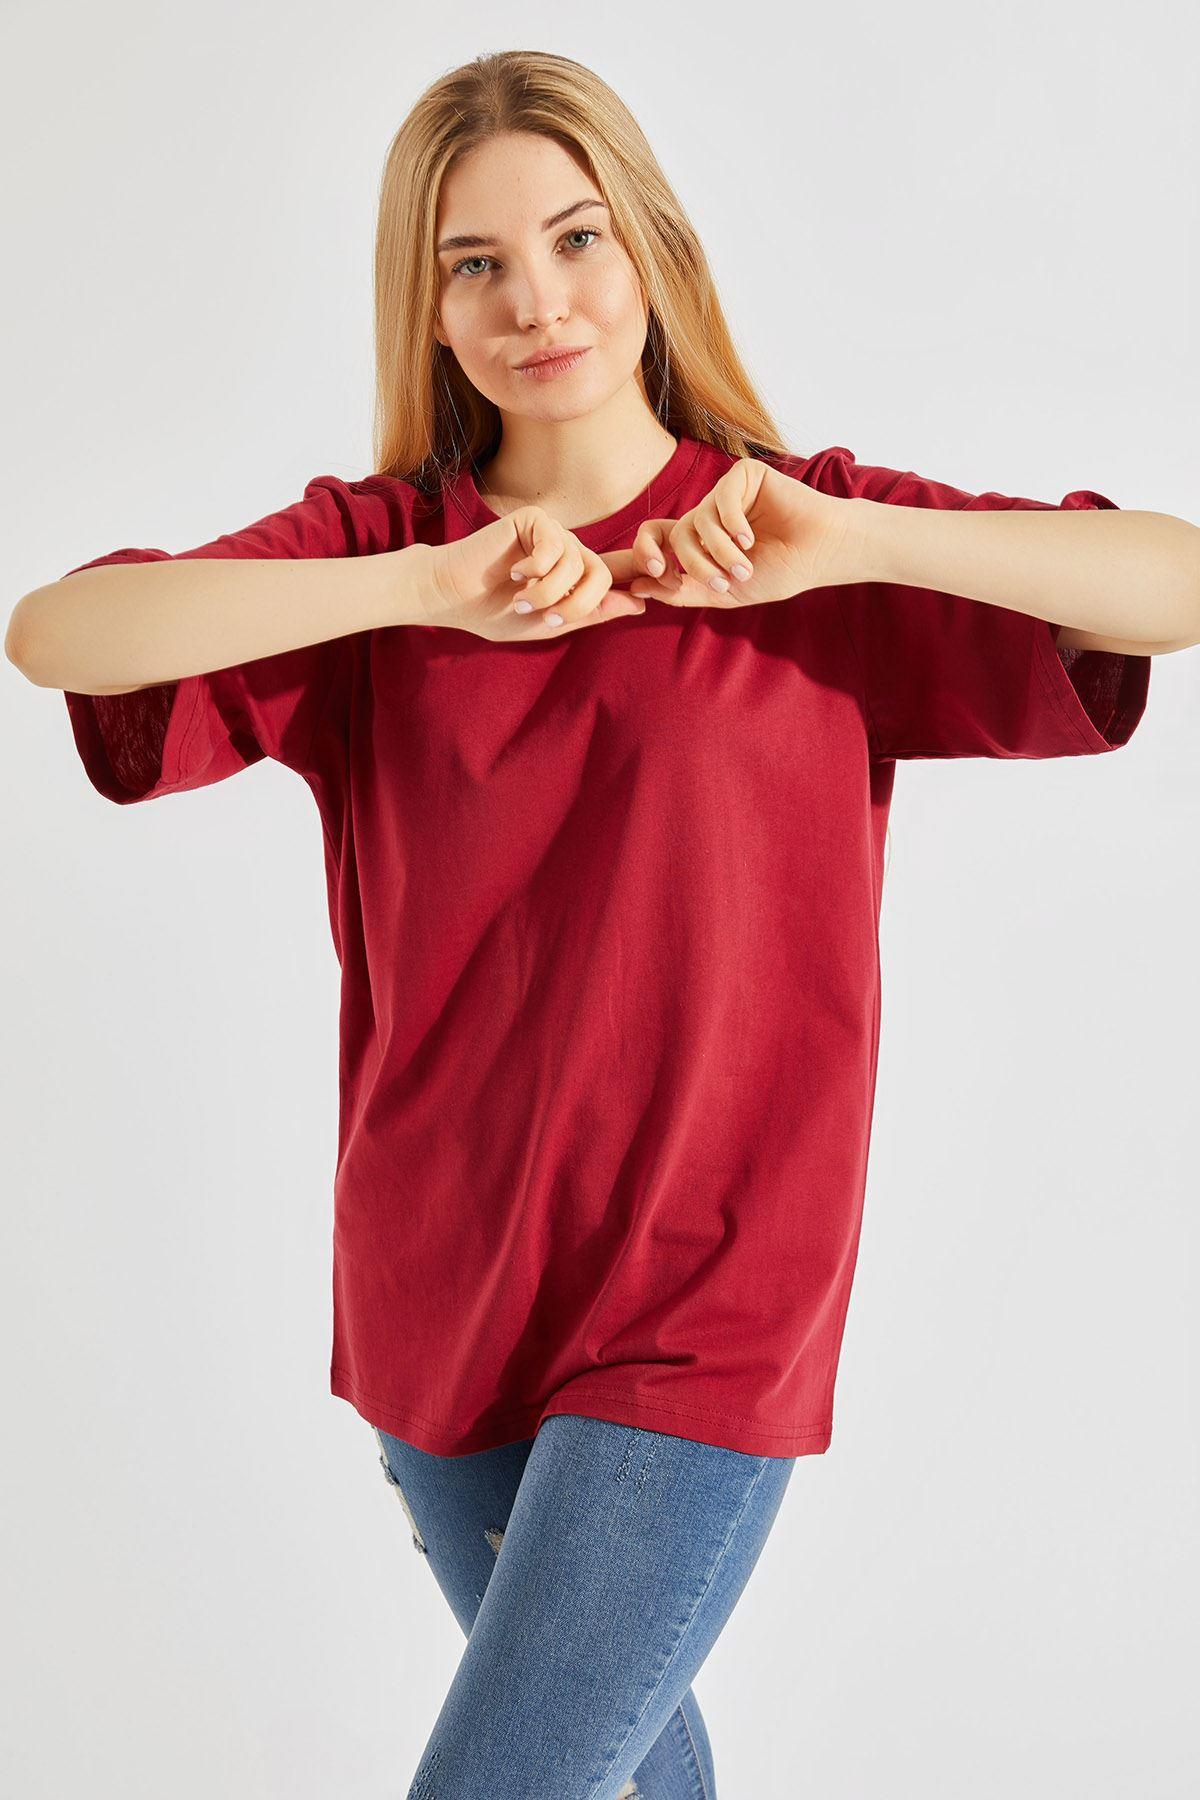 Kadın Oversize Bisiklet Yaka Bordo Tişört